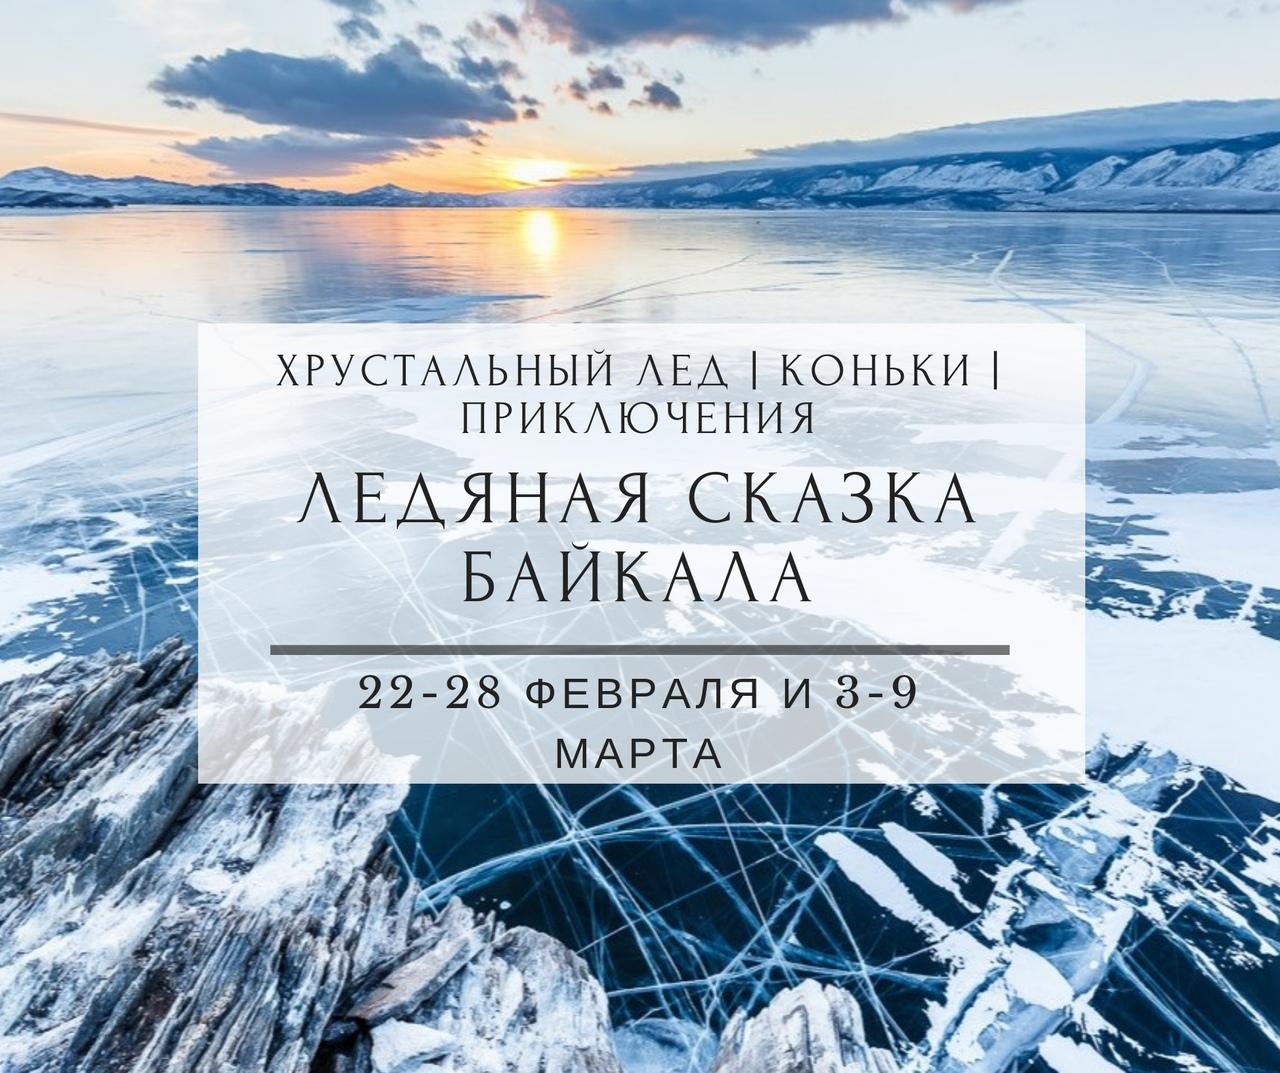 Афиша ЛЕДЯНАЯ СКАЗКА БАЙКАЛА/22-28 ФЕВРАЛЯ/3-9 МАРТА